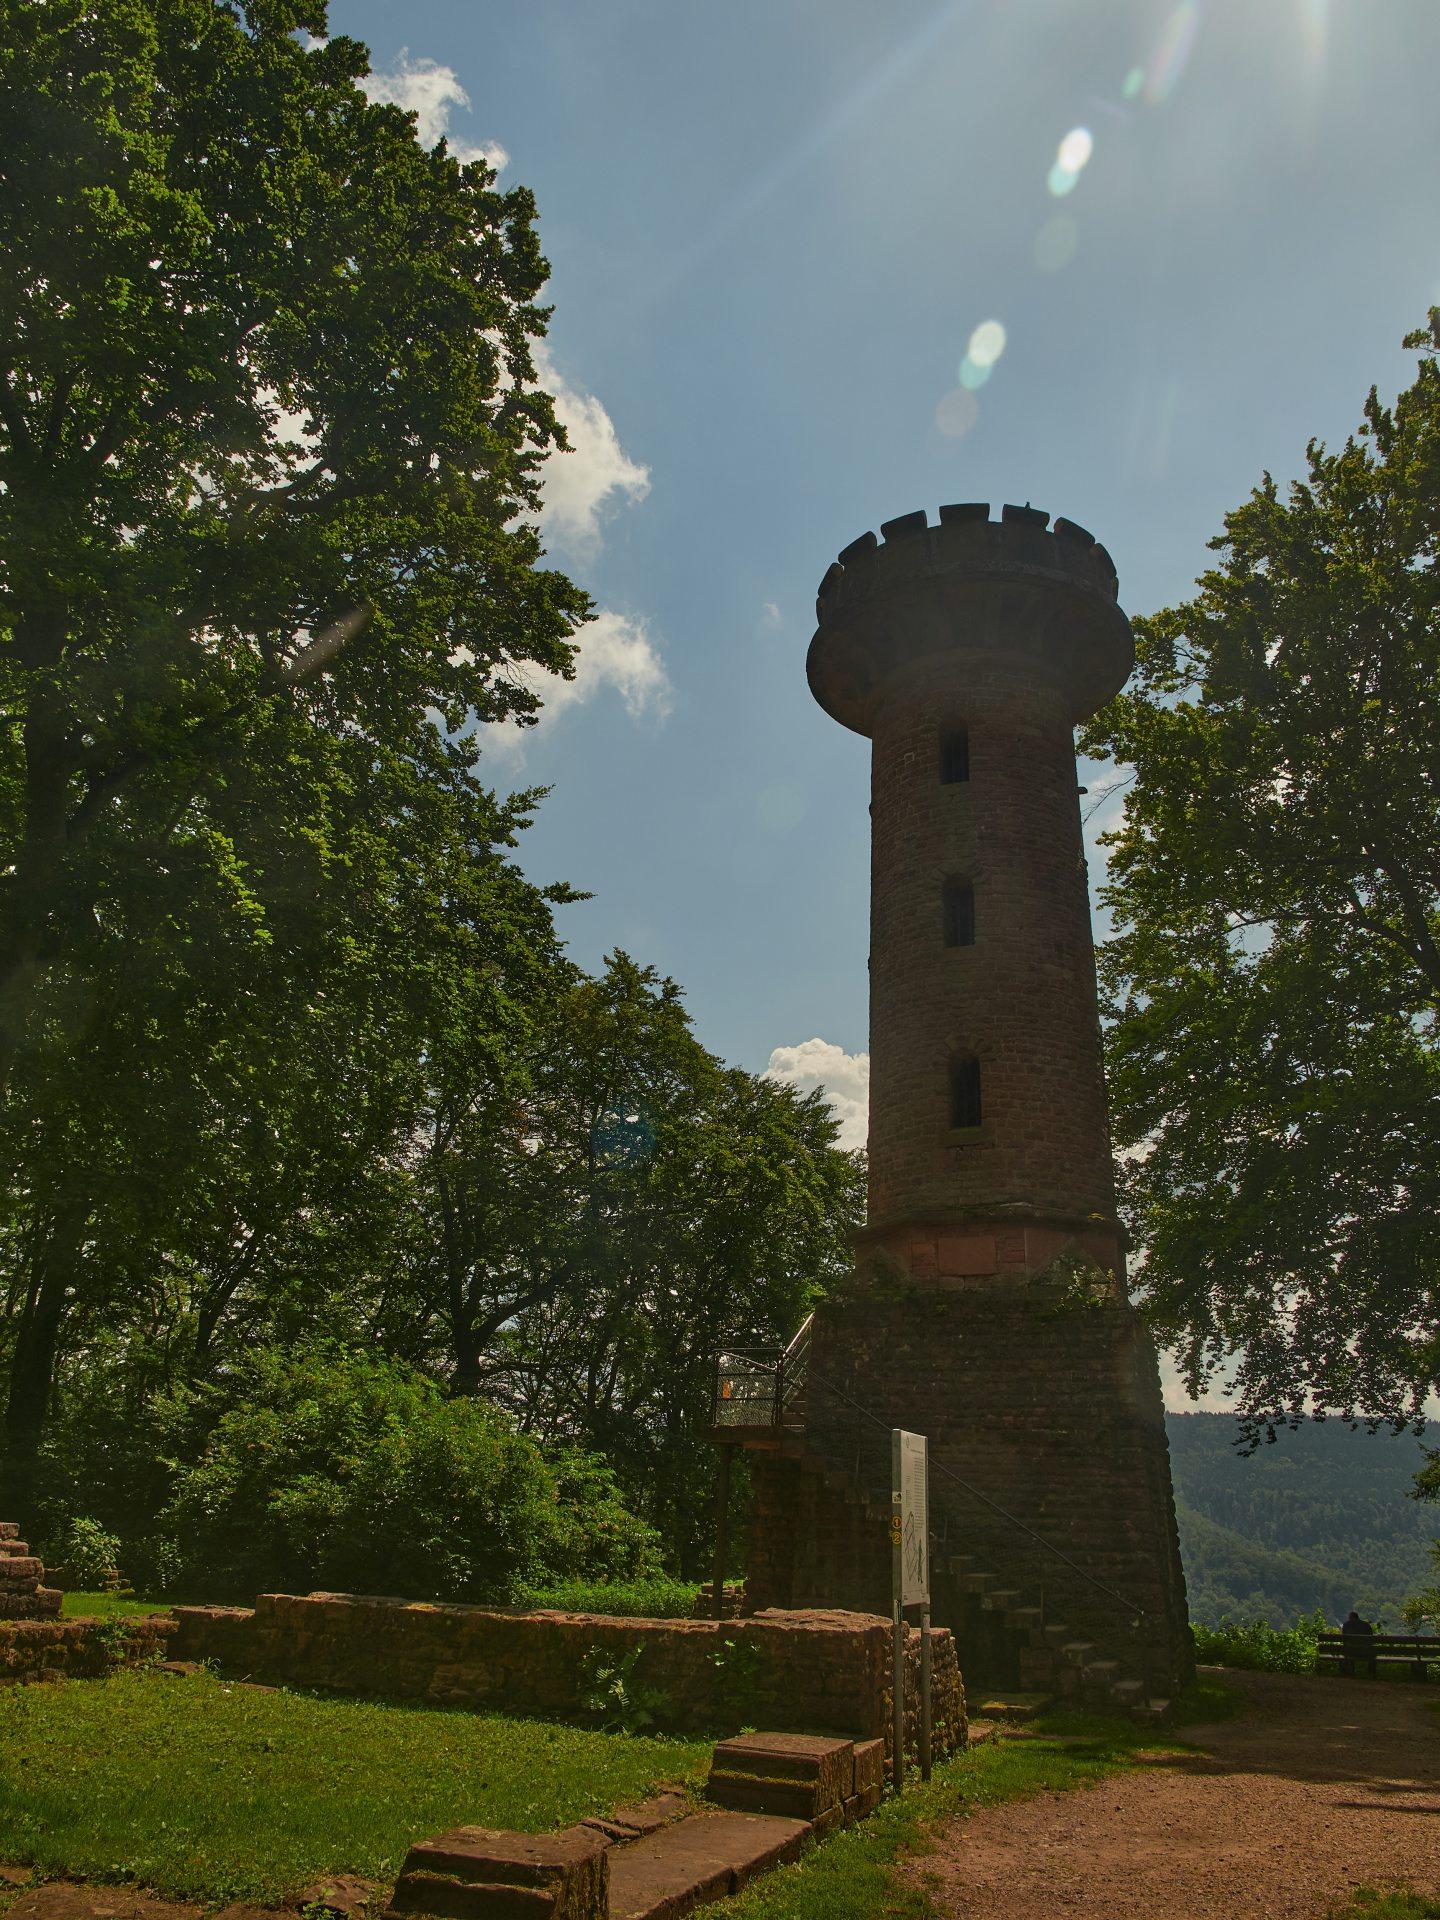 Heiligenberg und Ruinen des Stephansklosters. Reste des Michaelsklosters sowie den Thingplatz (sowieso in der Nazizeit entstanden), die Reste des keltischen Walls habe ich gesehen, aber kein brauchbares Foto gemacht